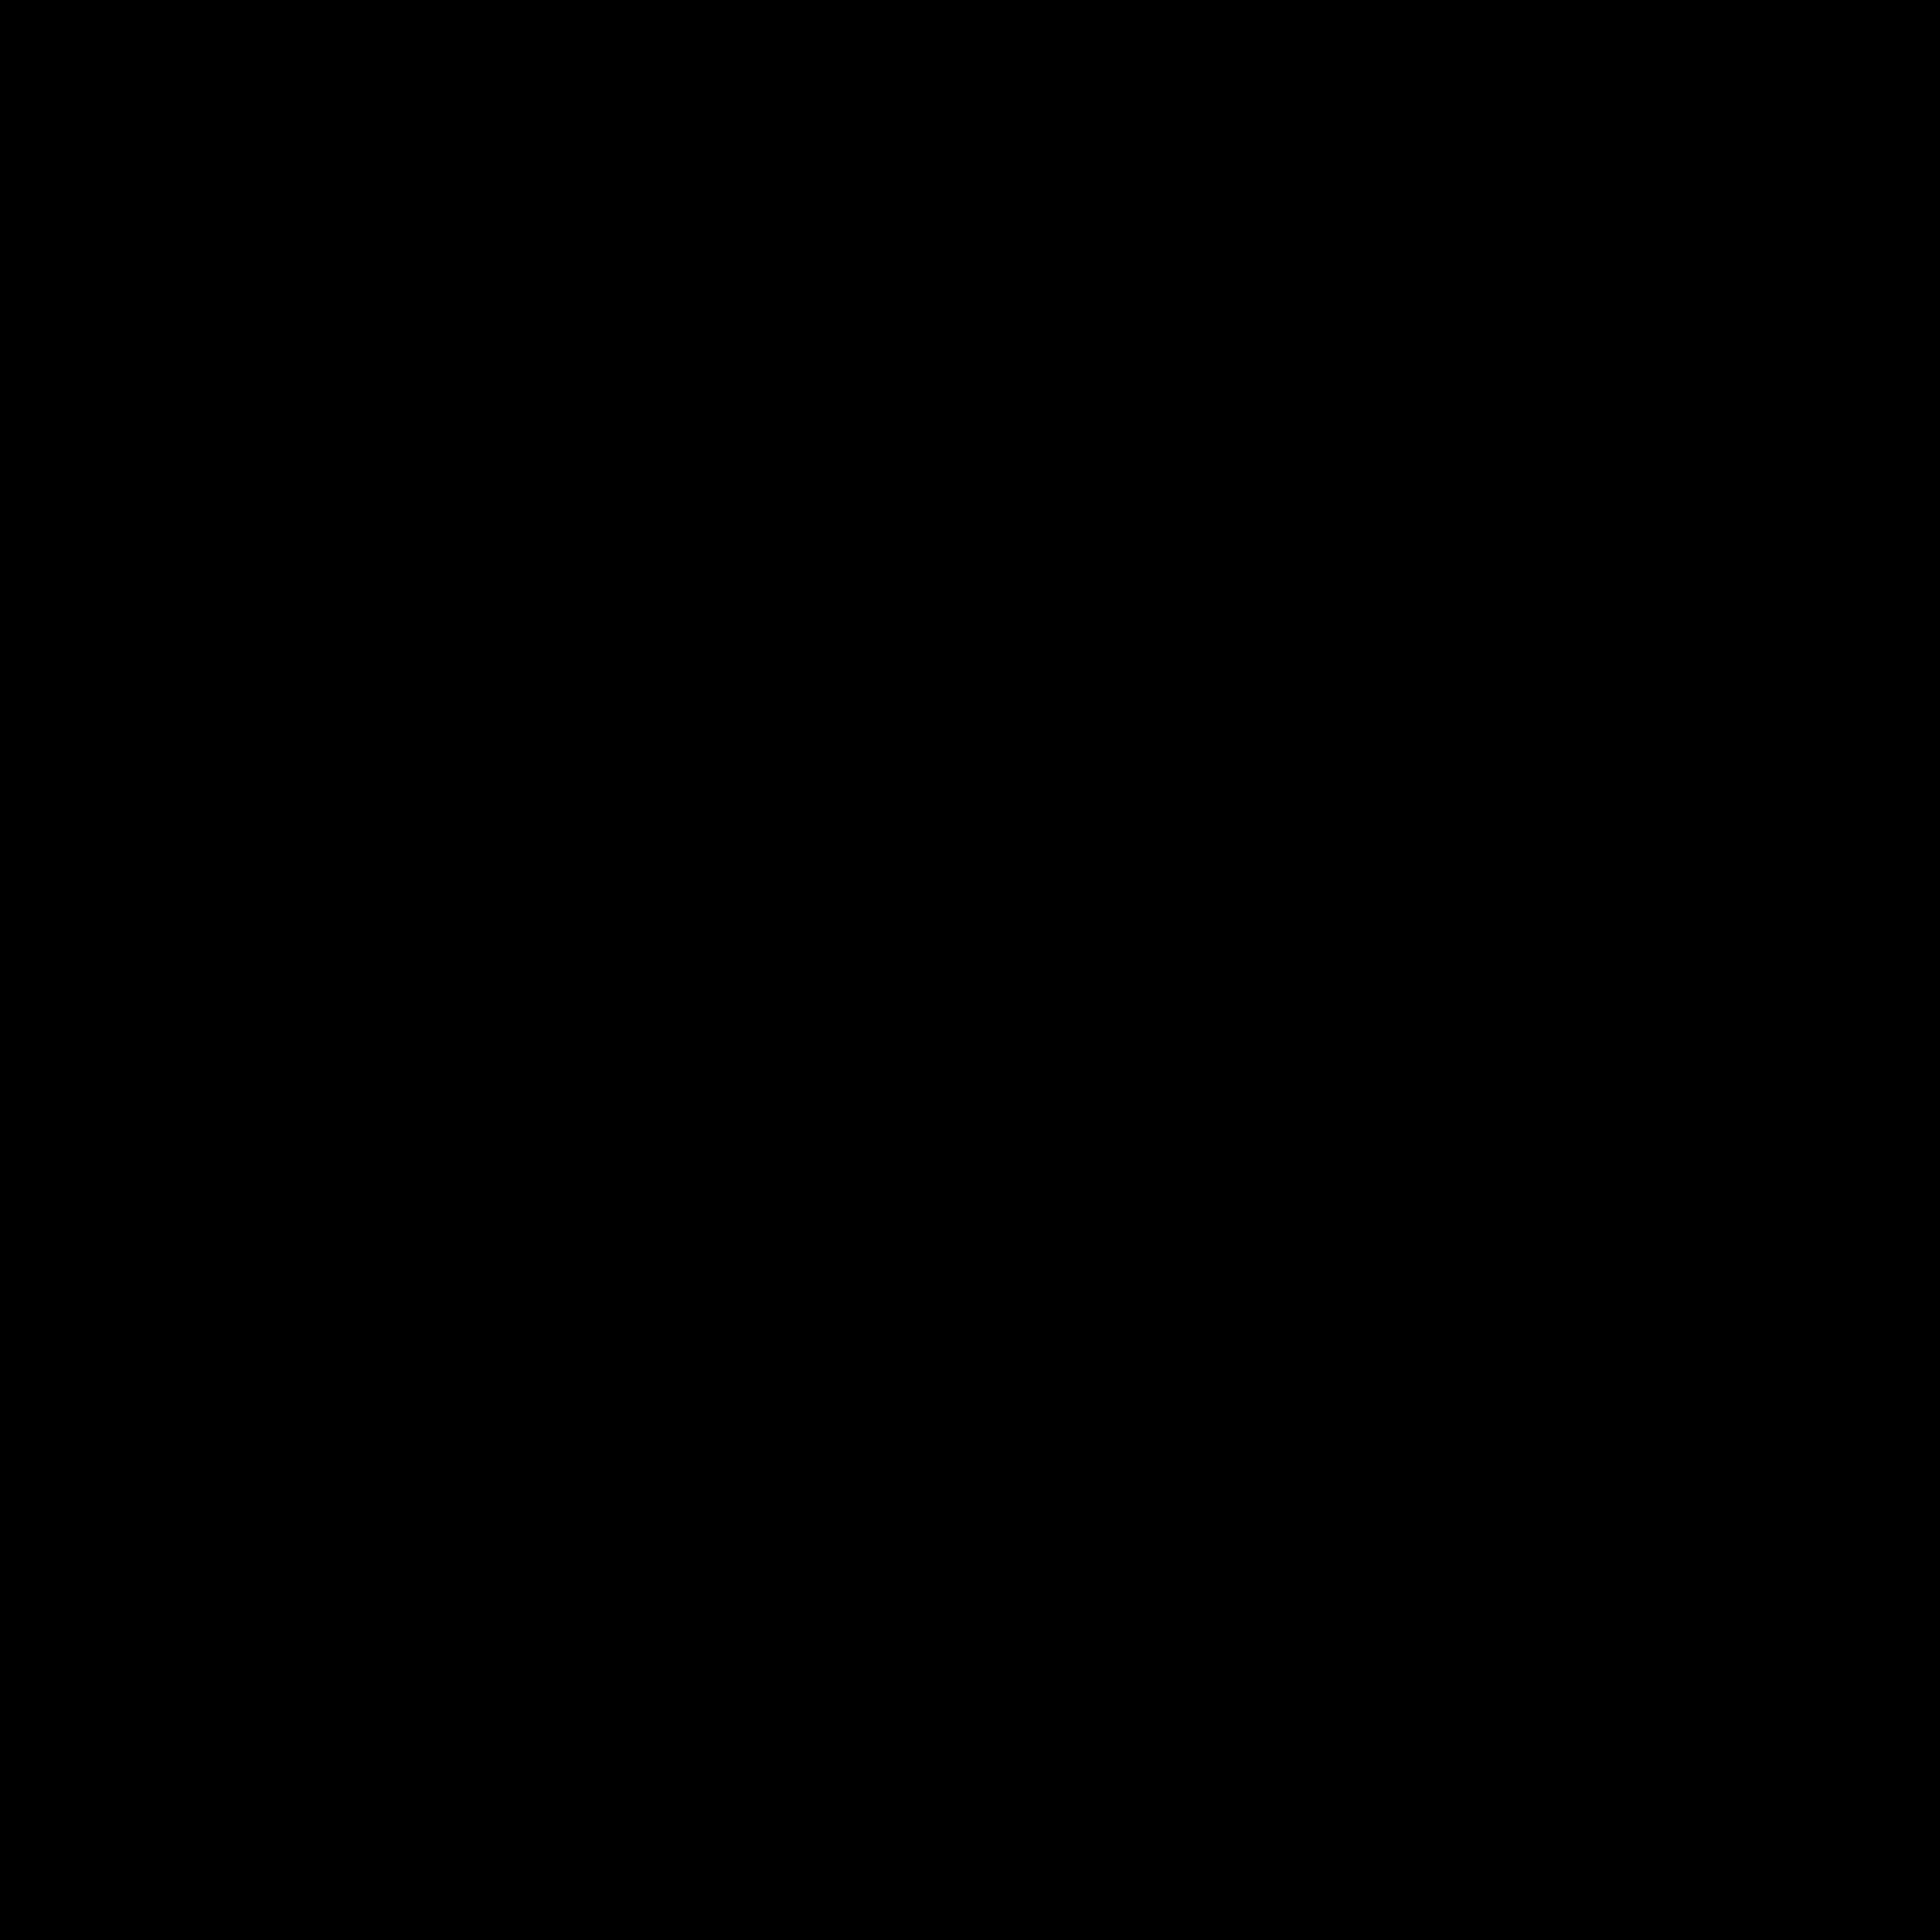 Decca Energy